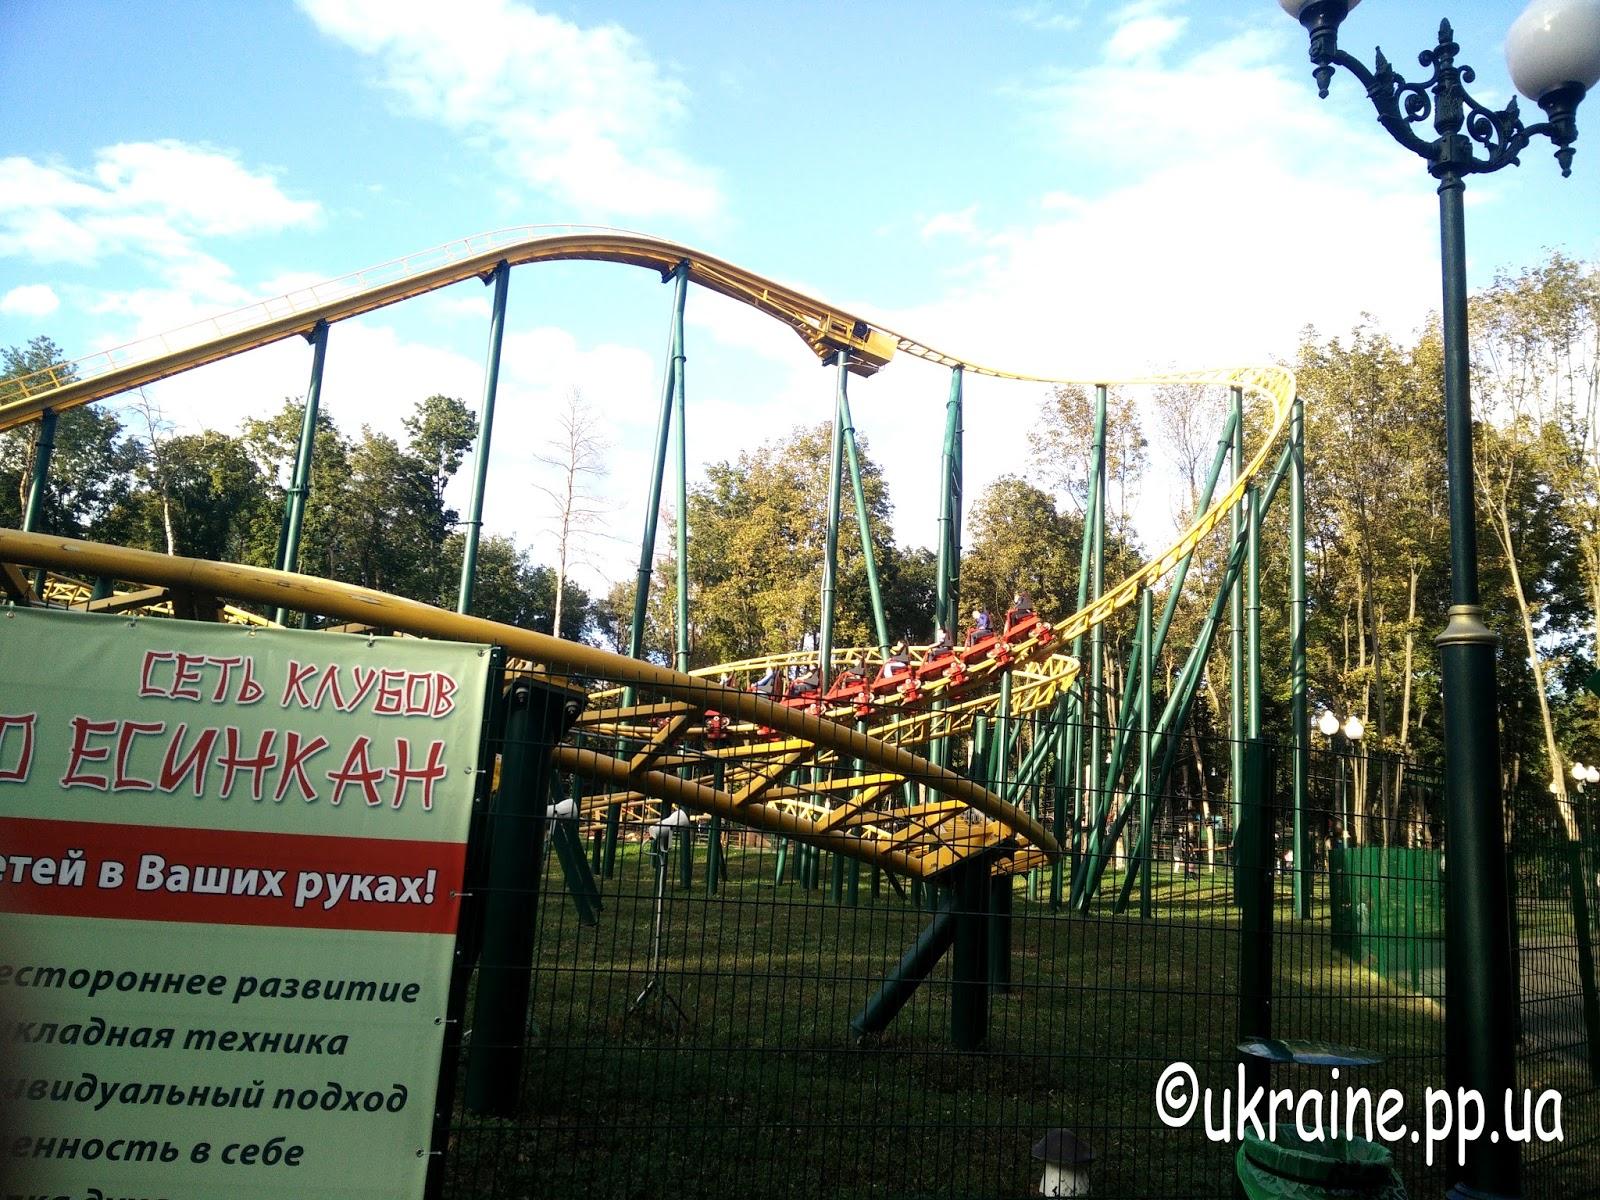 Парк Горького Харьков фото аттракционов